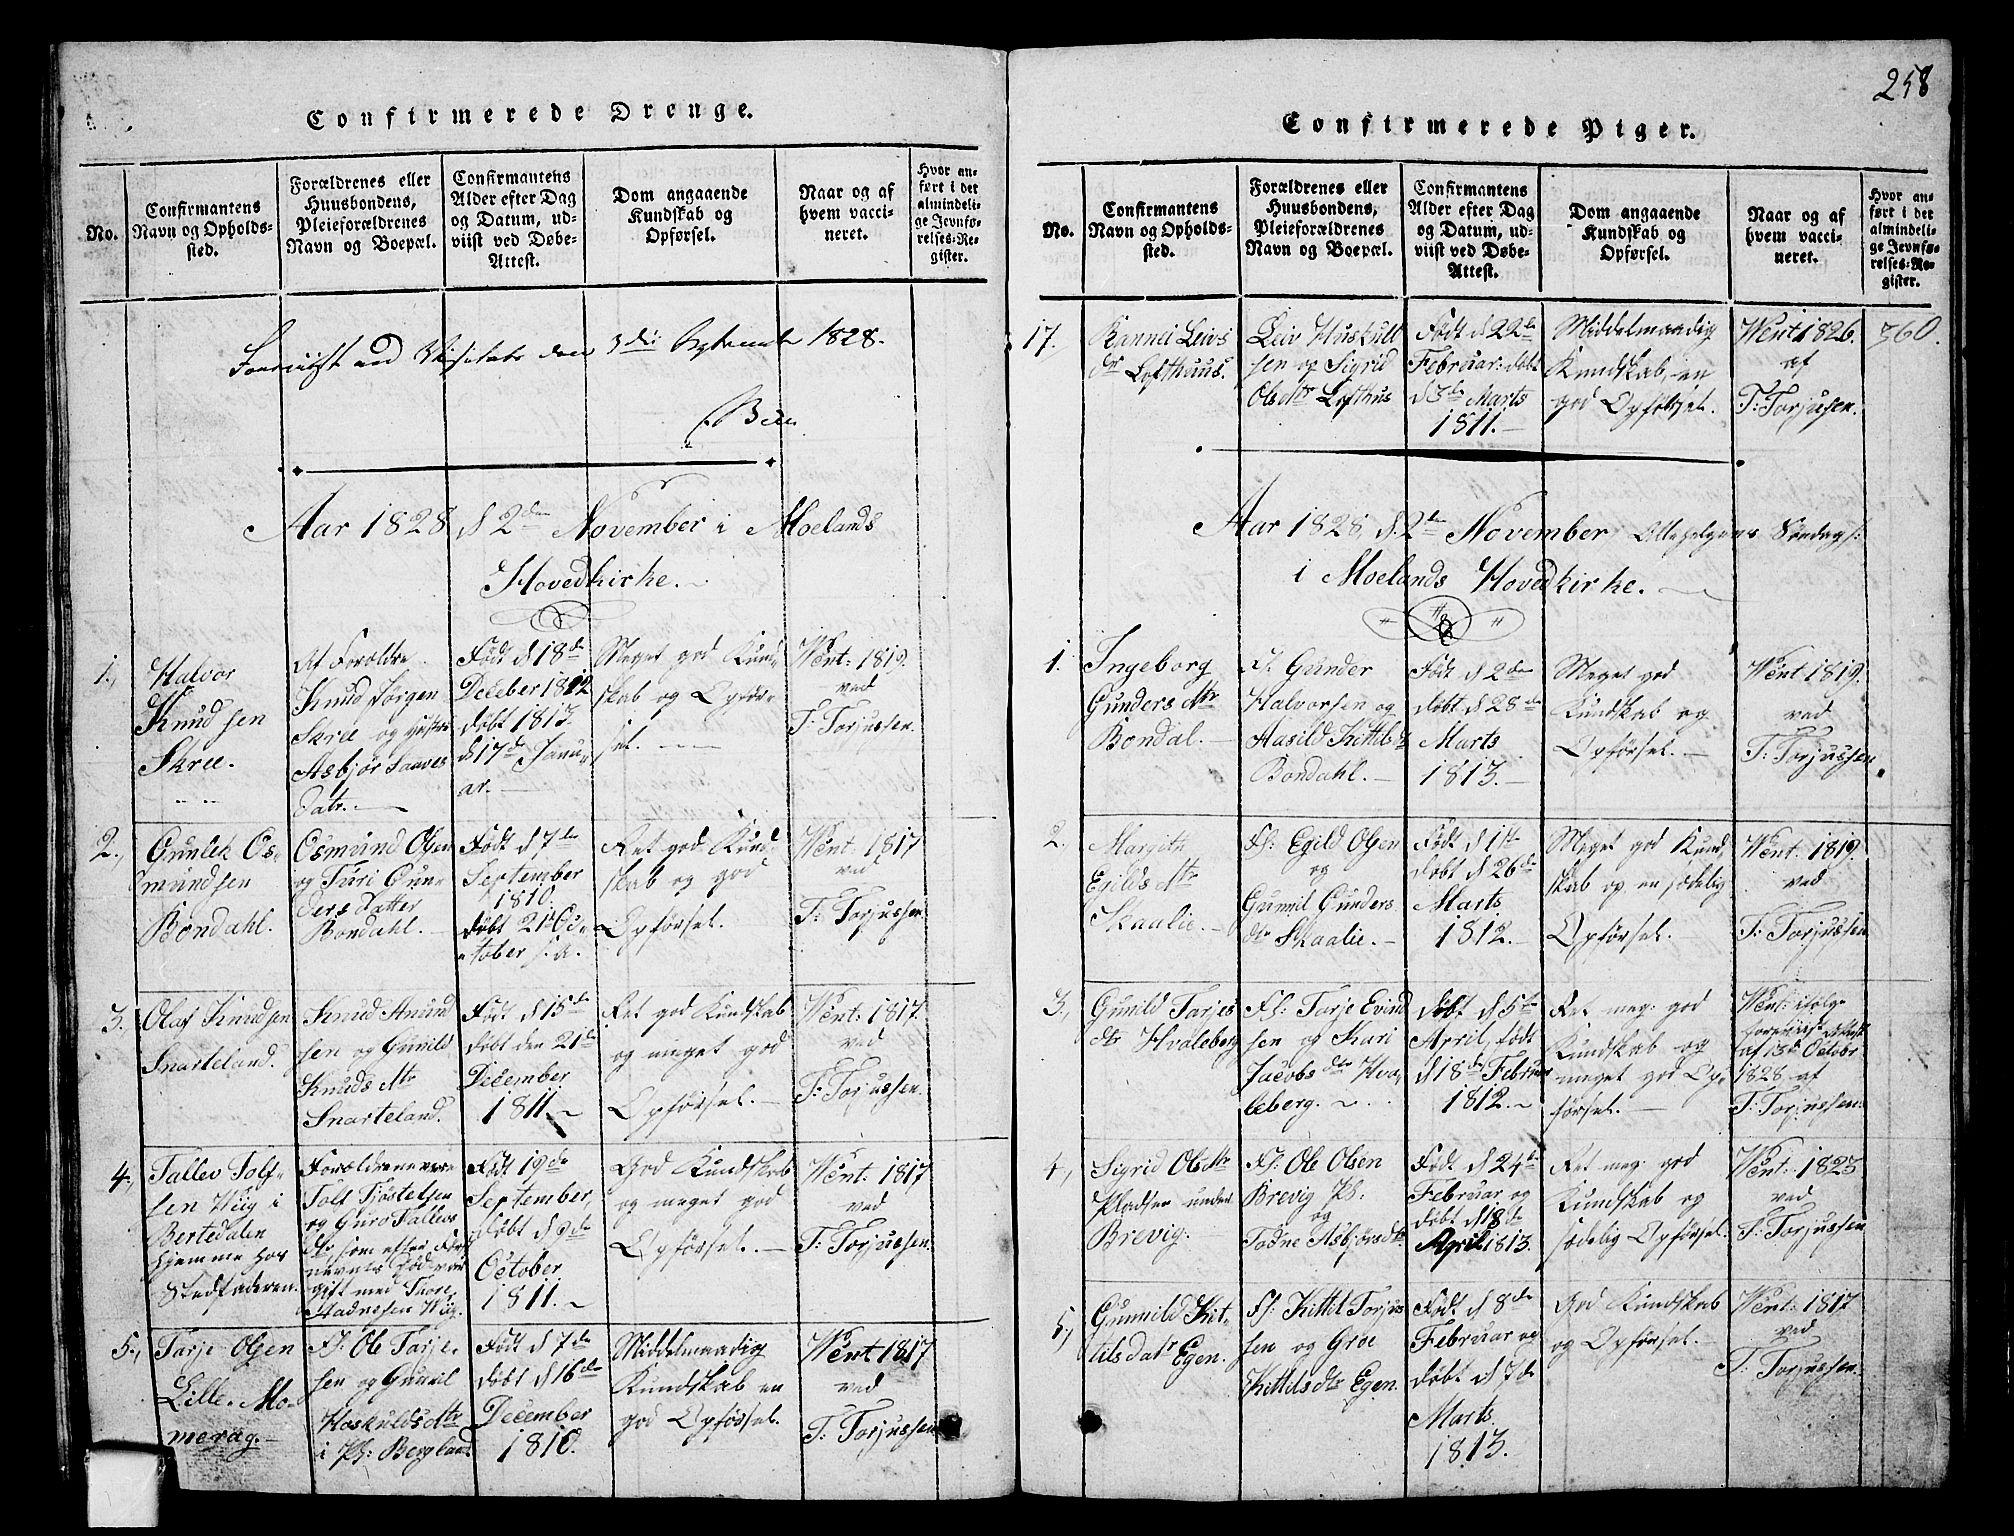 SAKO, Fyresdal kirkebøker, G/Ga/L0001: Klokkerbok nr. I 1, 1816-1840, s. 258